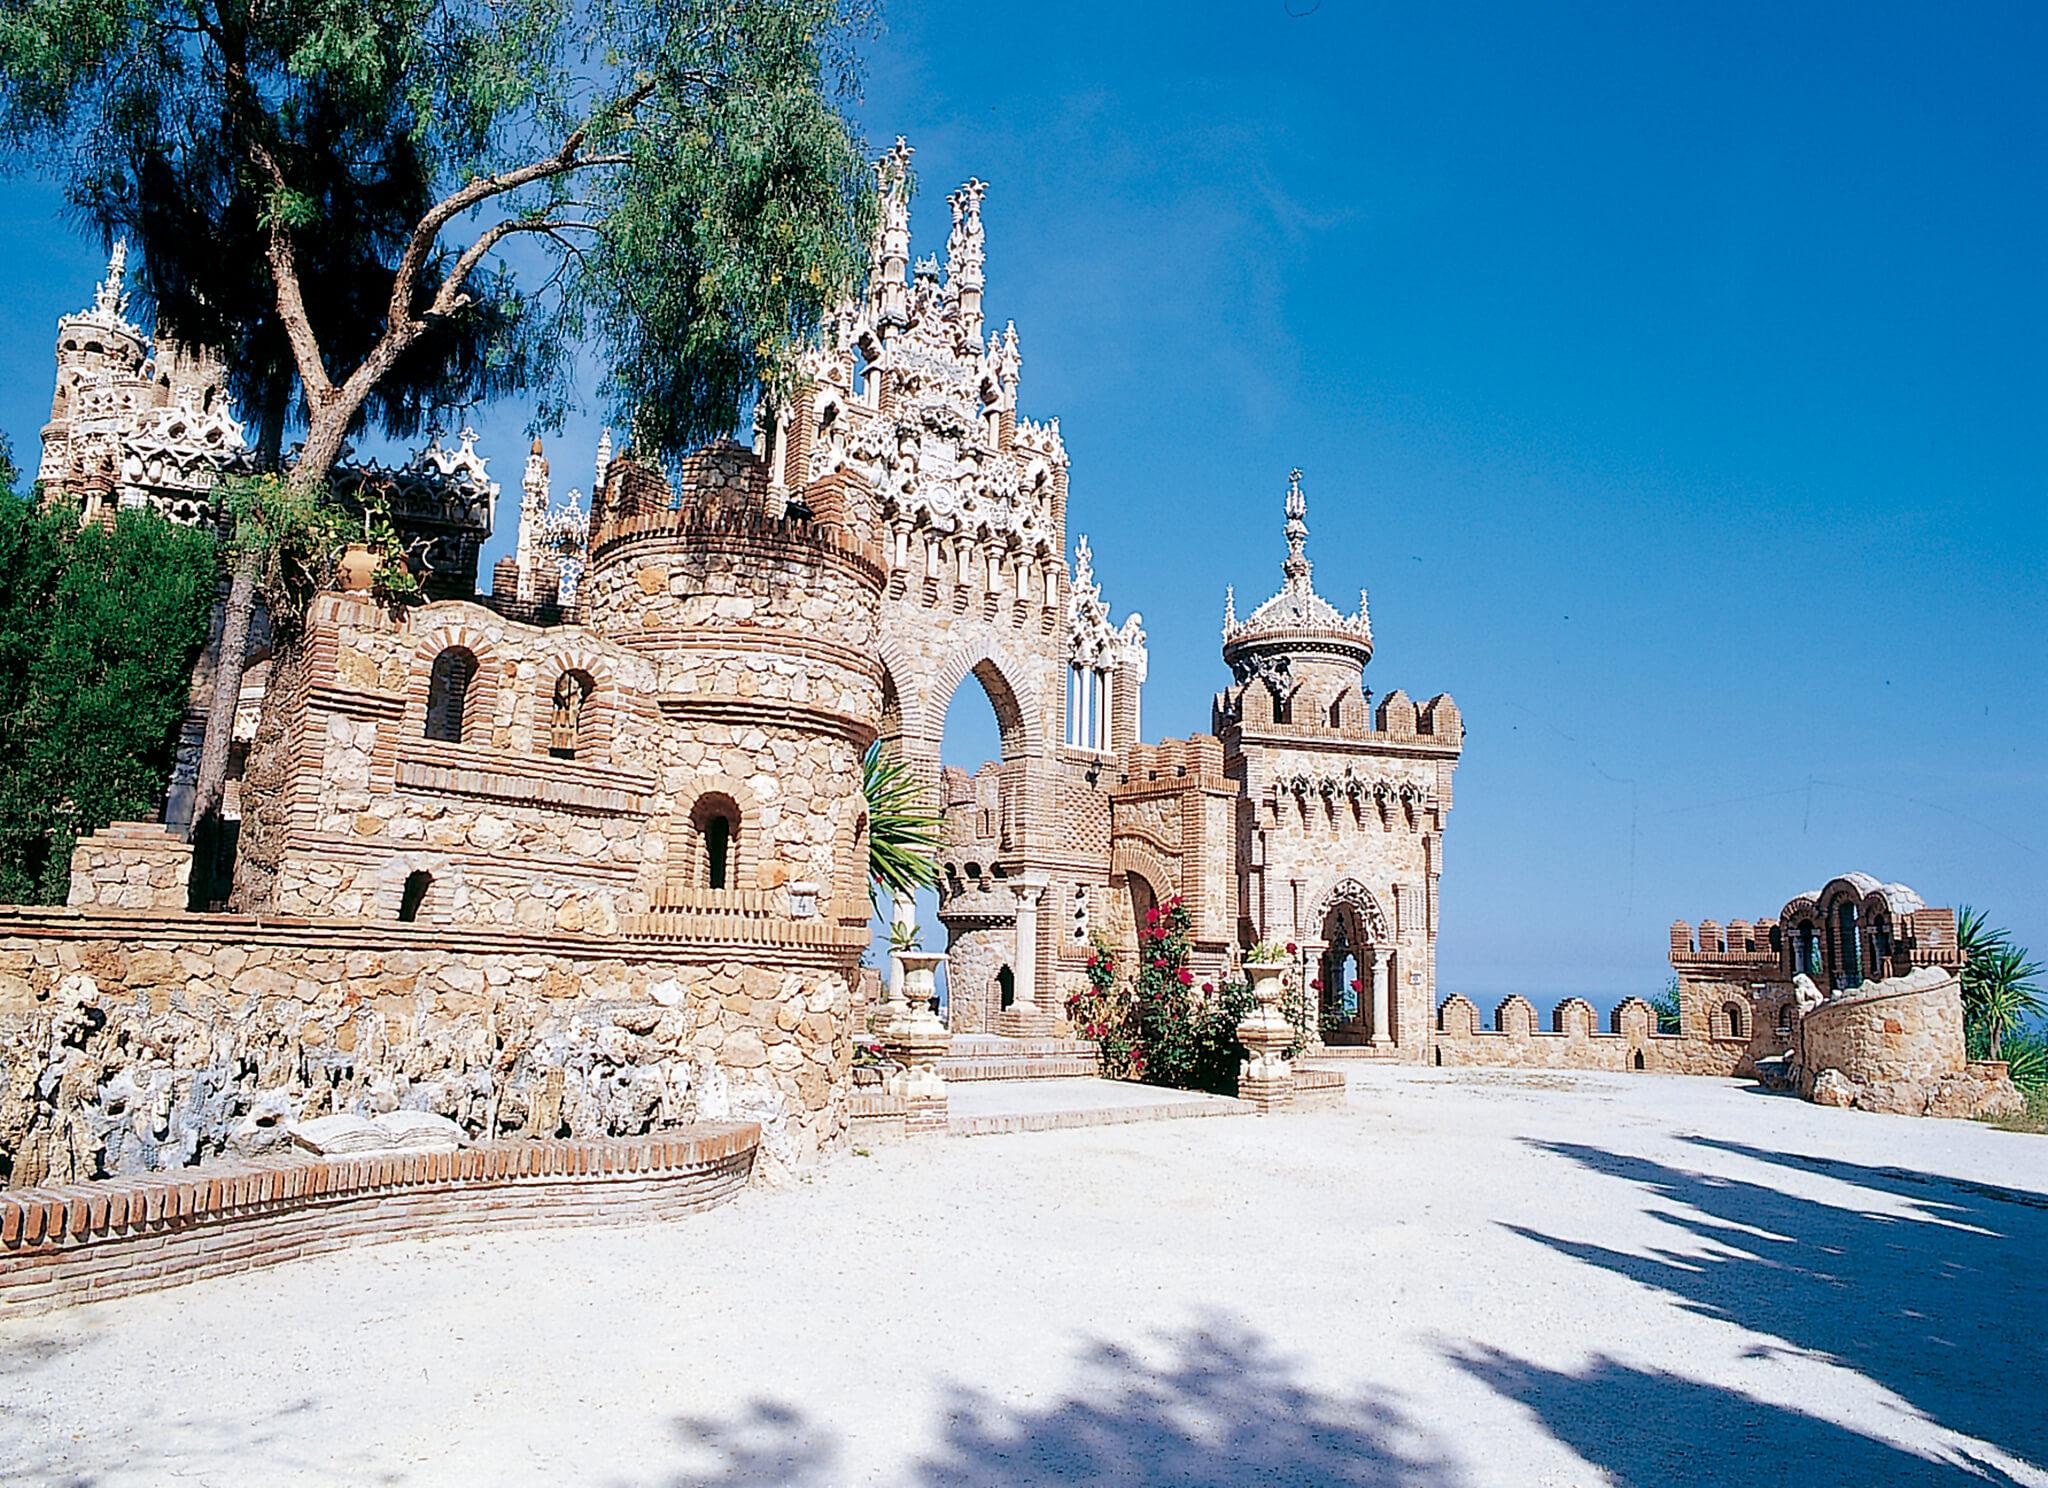 castillo colomares benalmadena